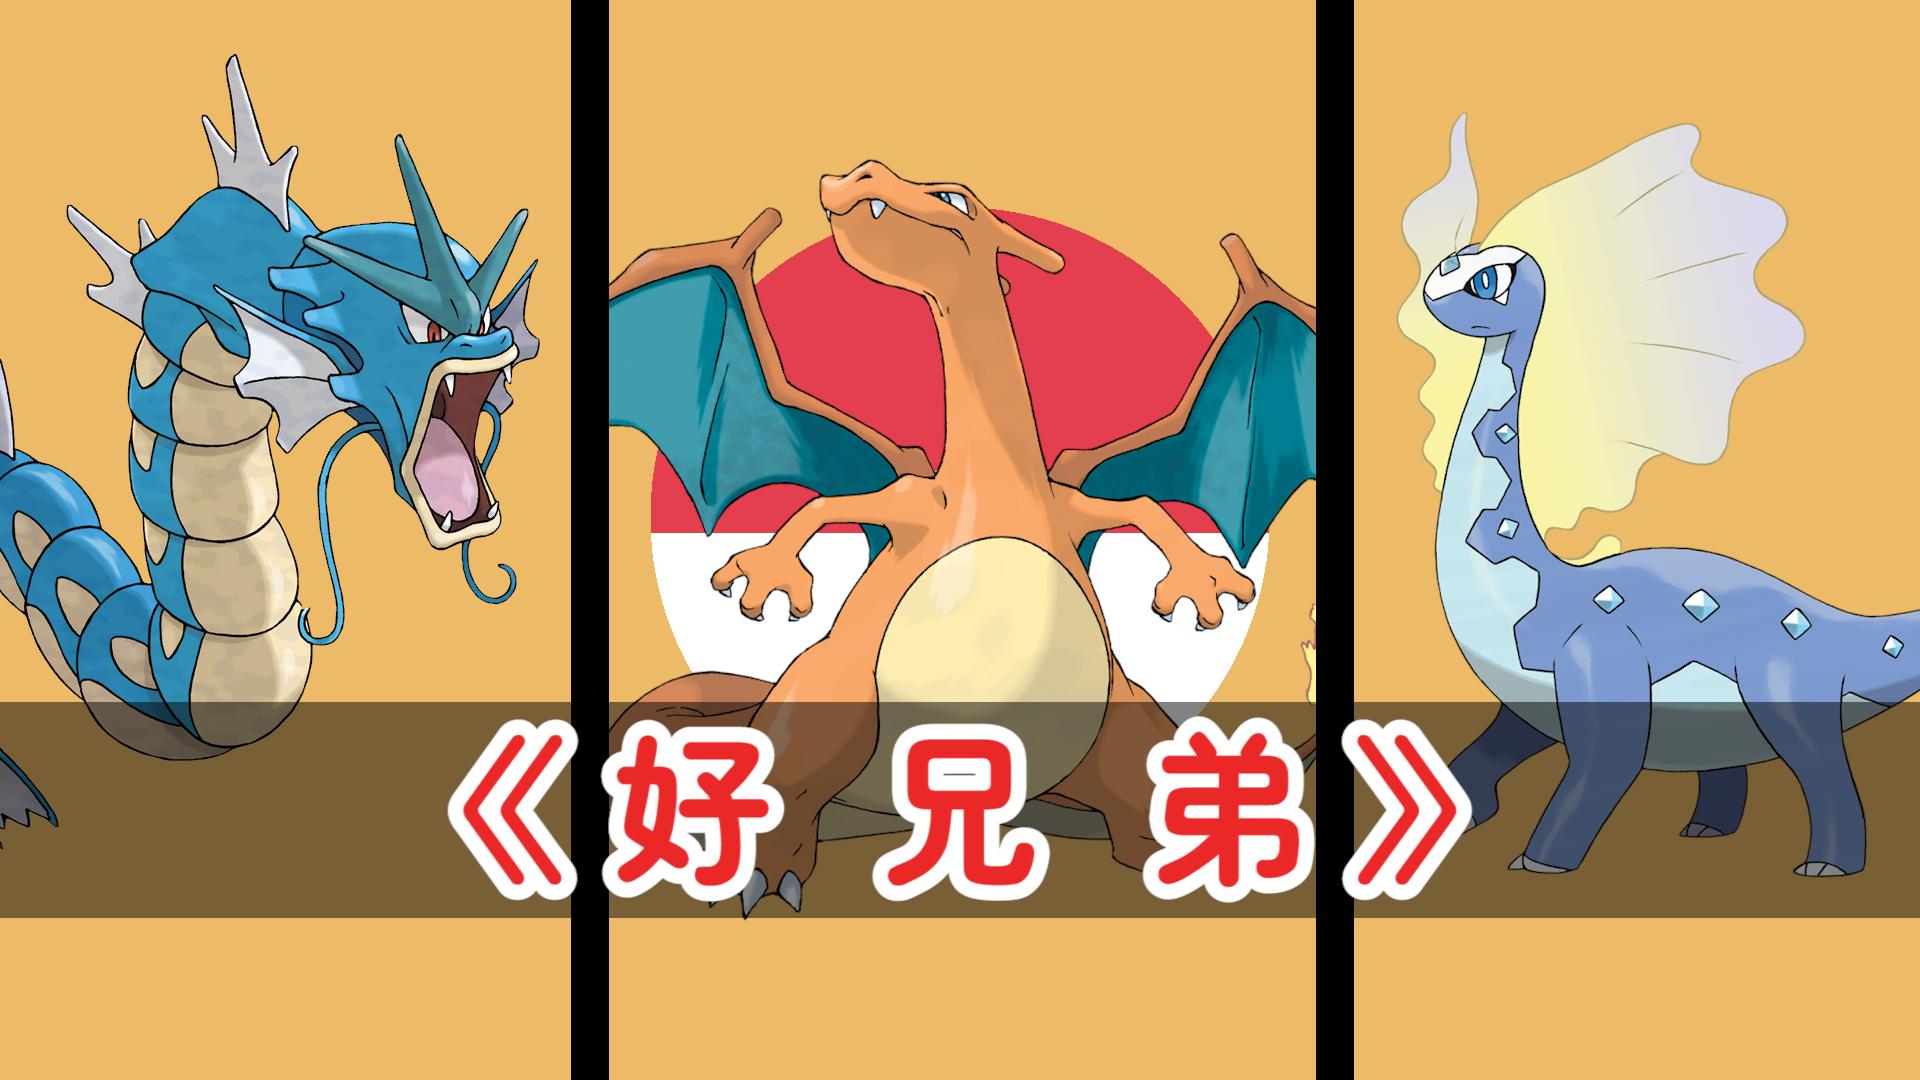 【聊宝可梦】那些叫龙,却不是龙的宝可梦